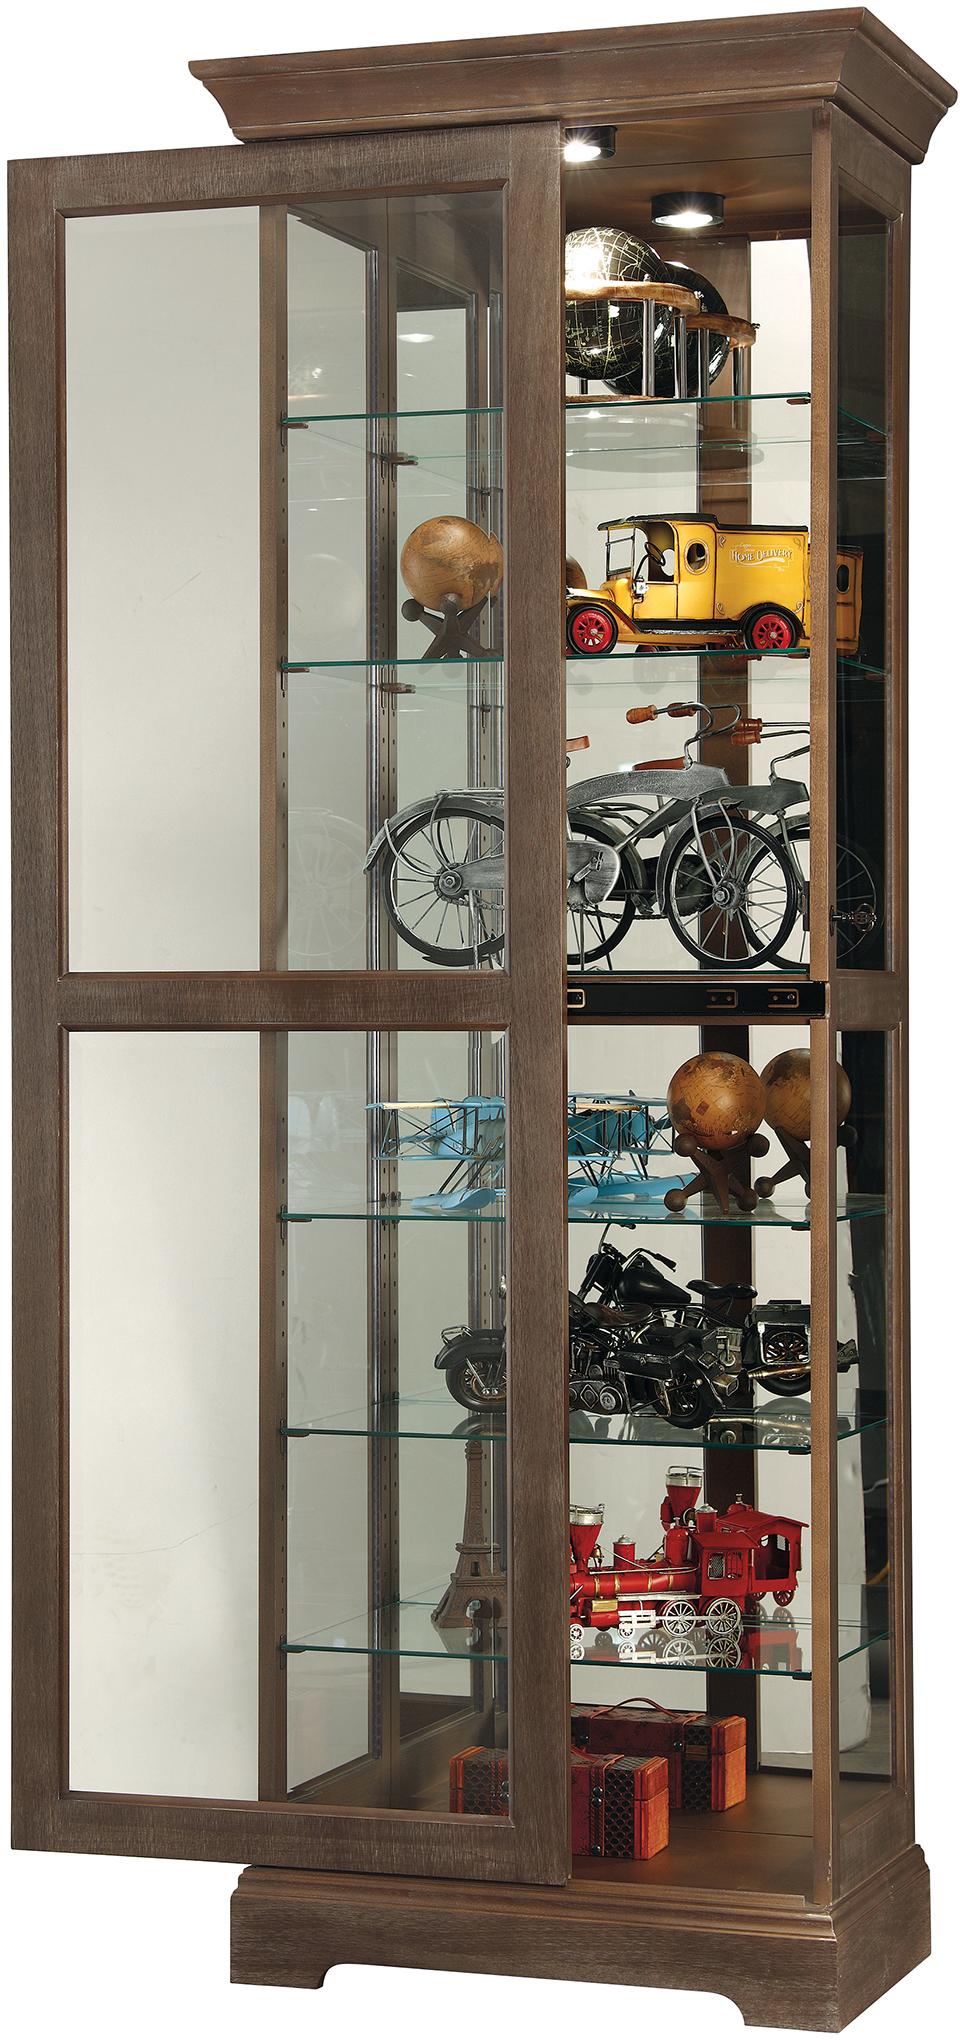 Martindale Iv 680 635 Howard Miller Floor Curio Cabinet